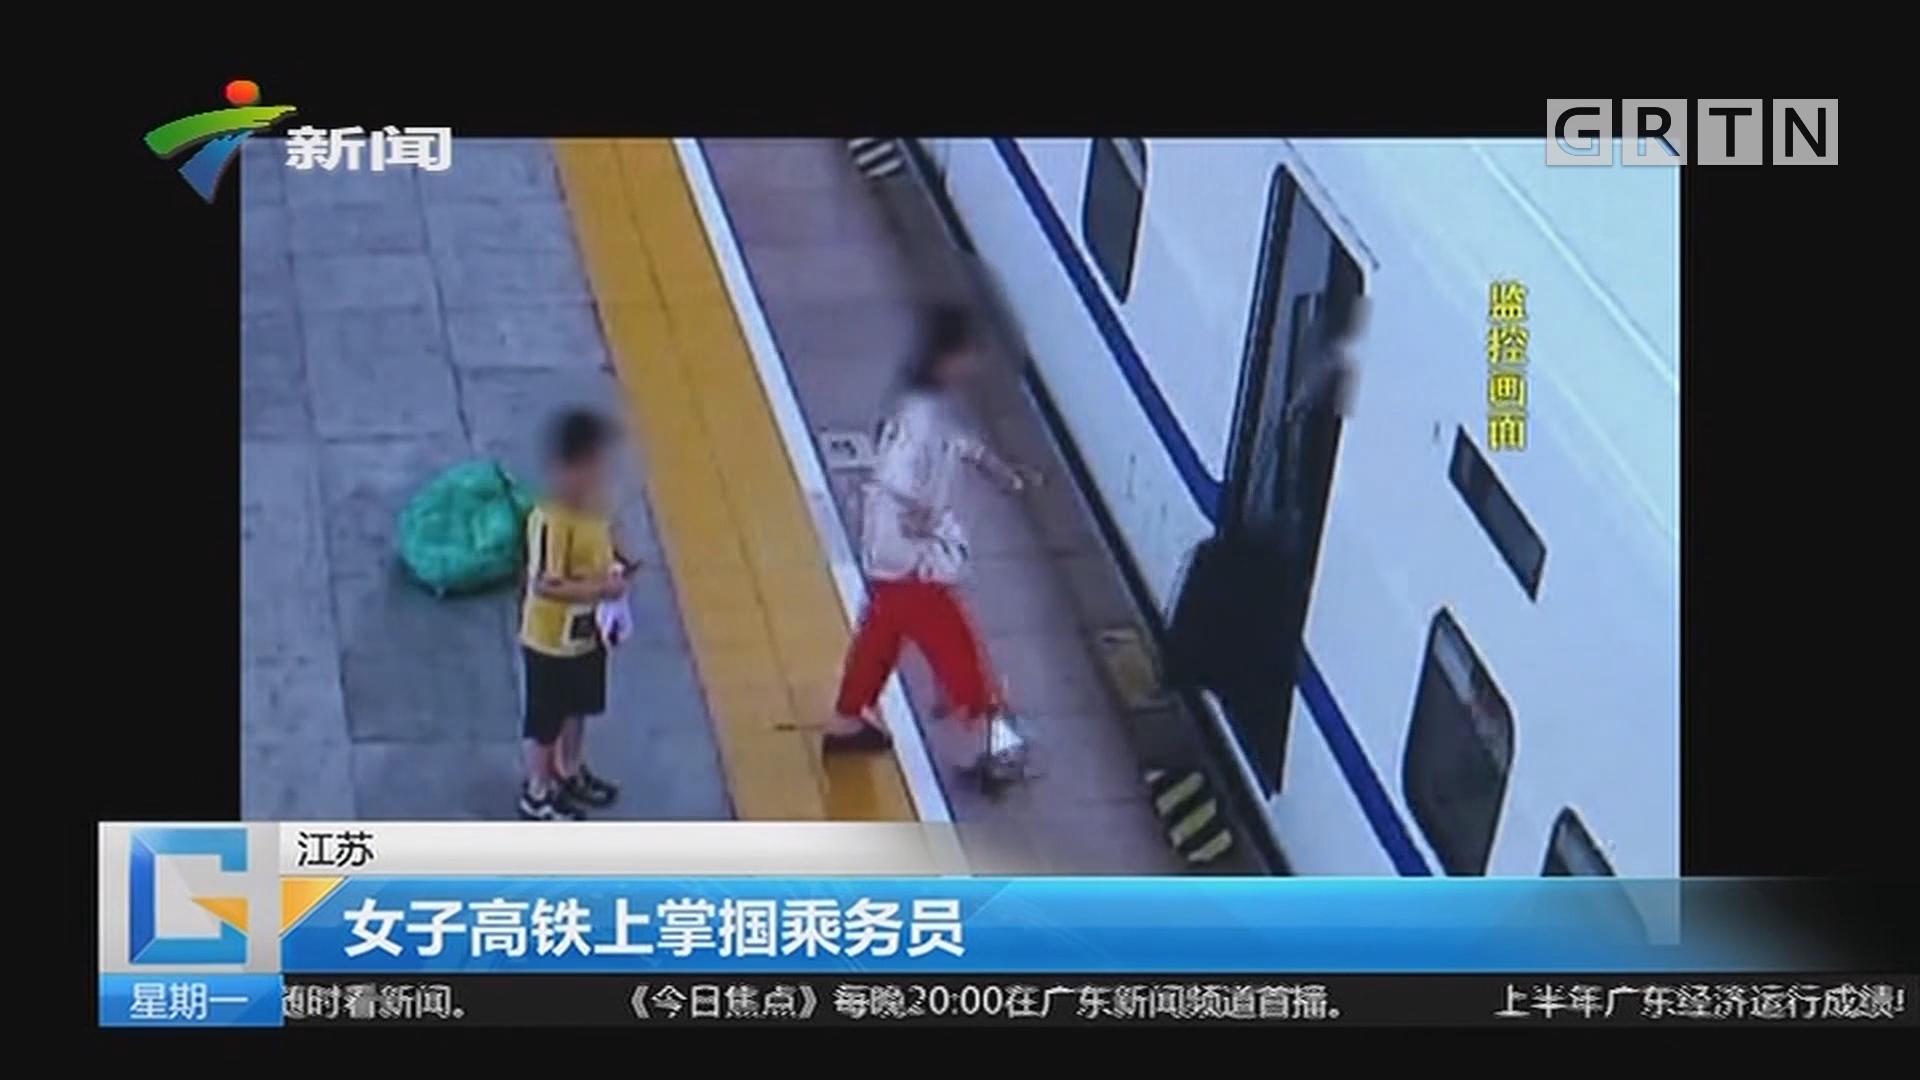 江苏:女子高铁上掌捆乘务员